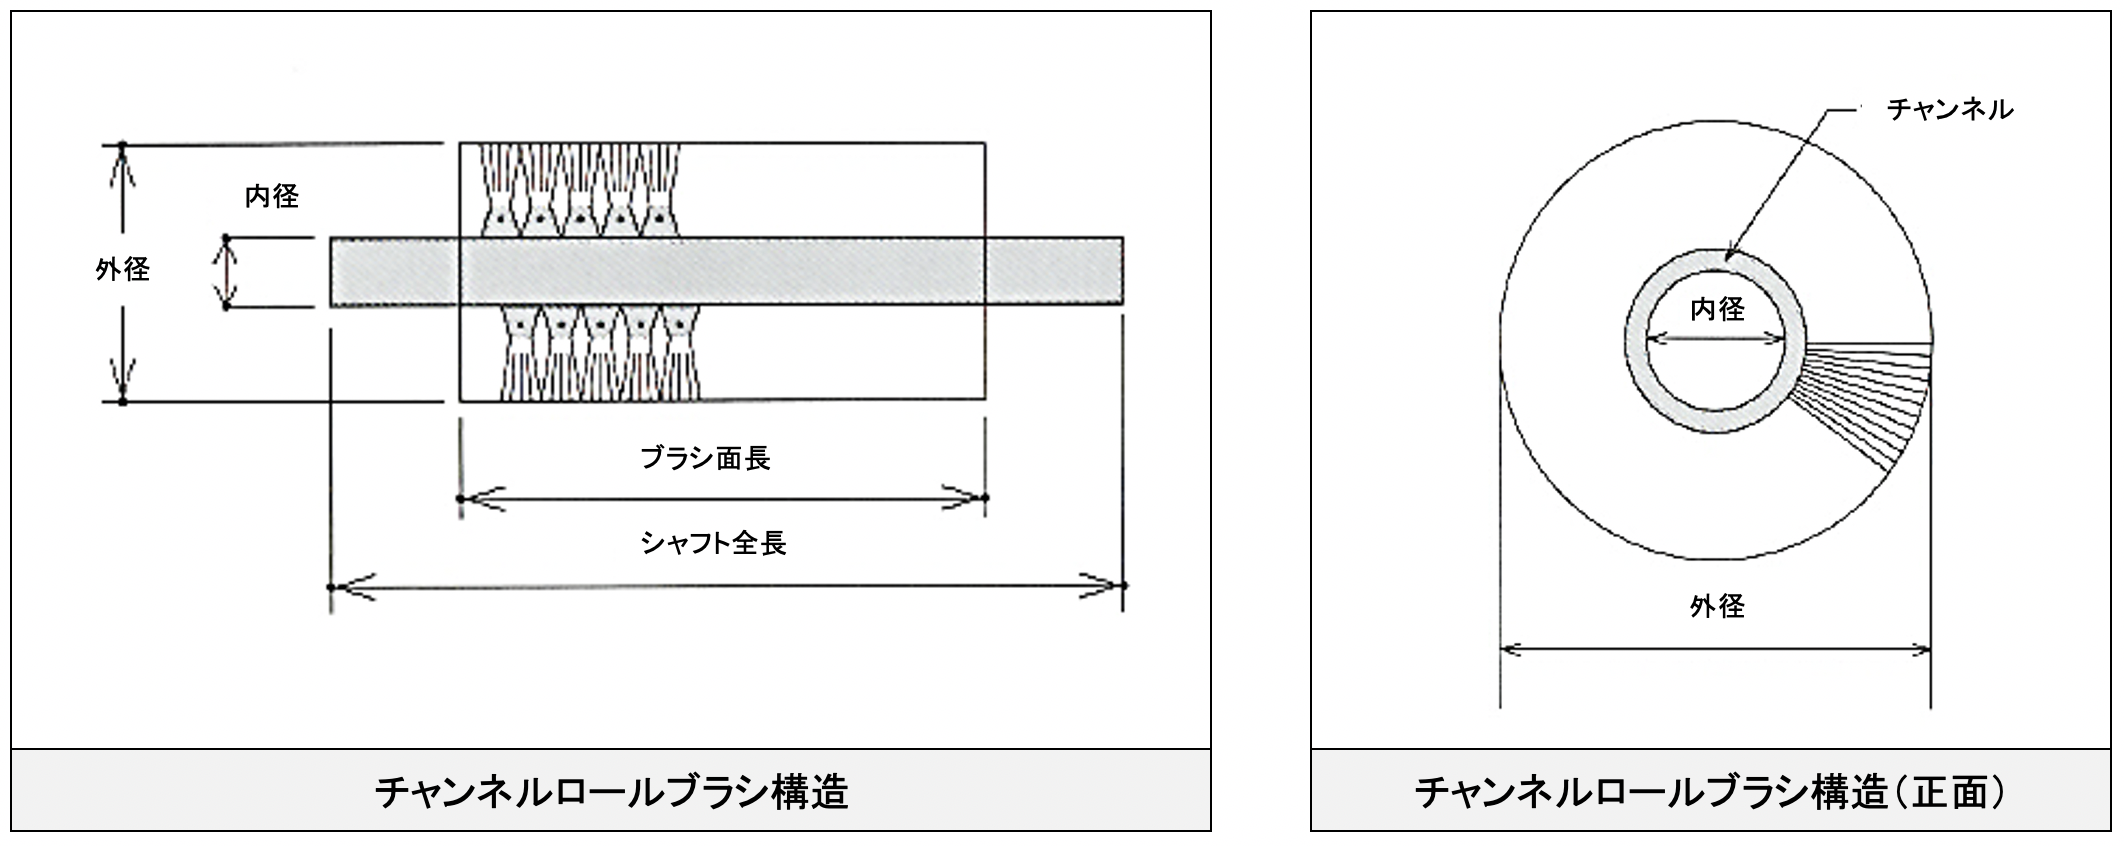 チャンネルロールブラシの構造について